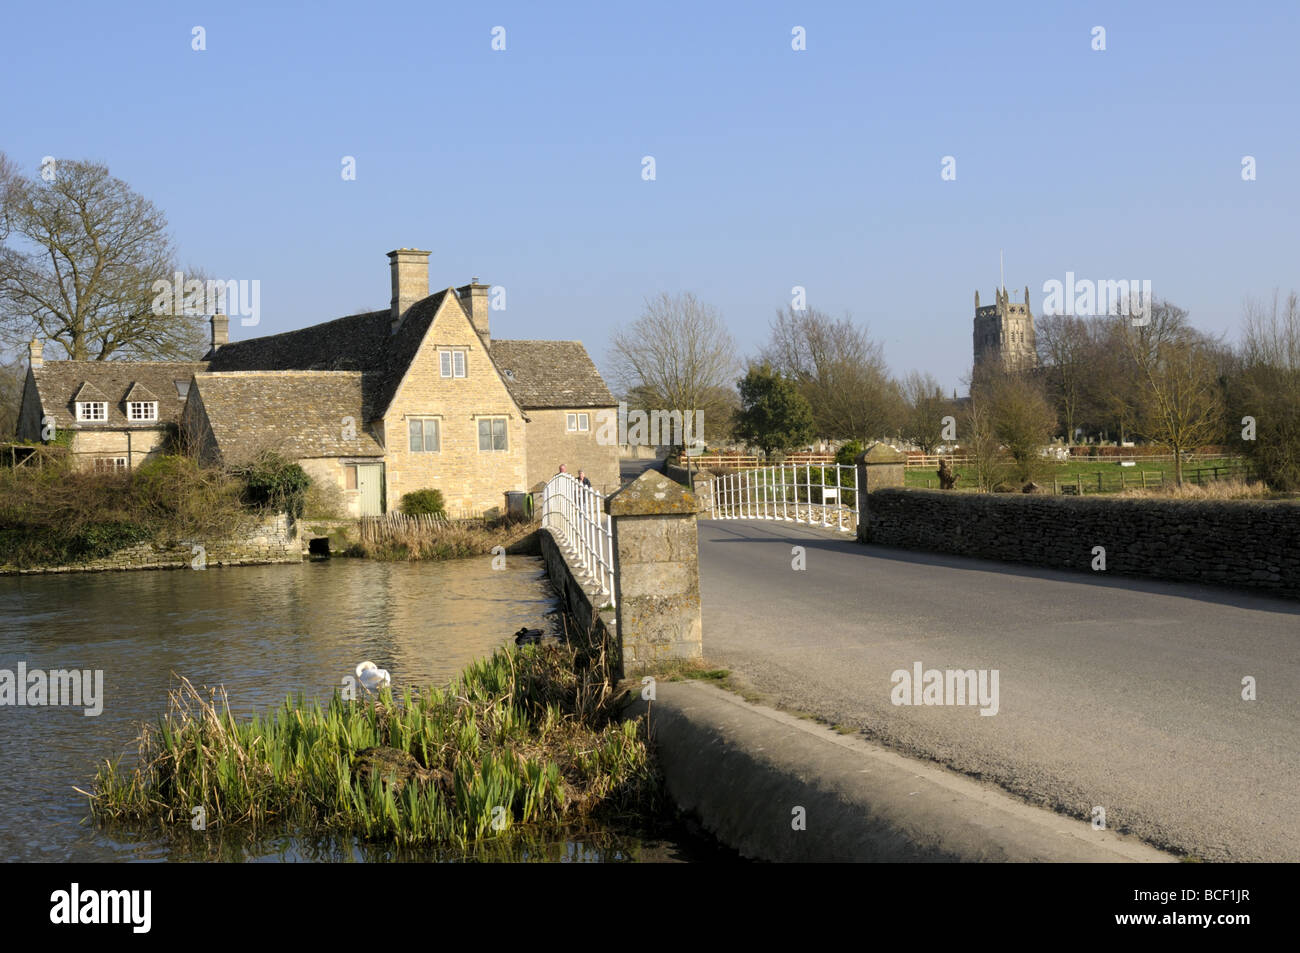 Fairford, Gloucestershire, England - Stock Image